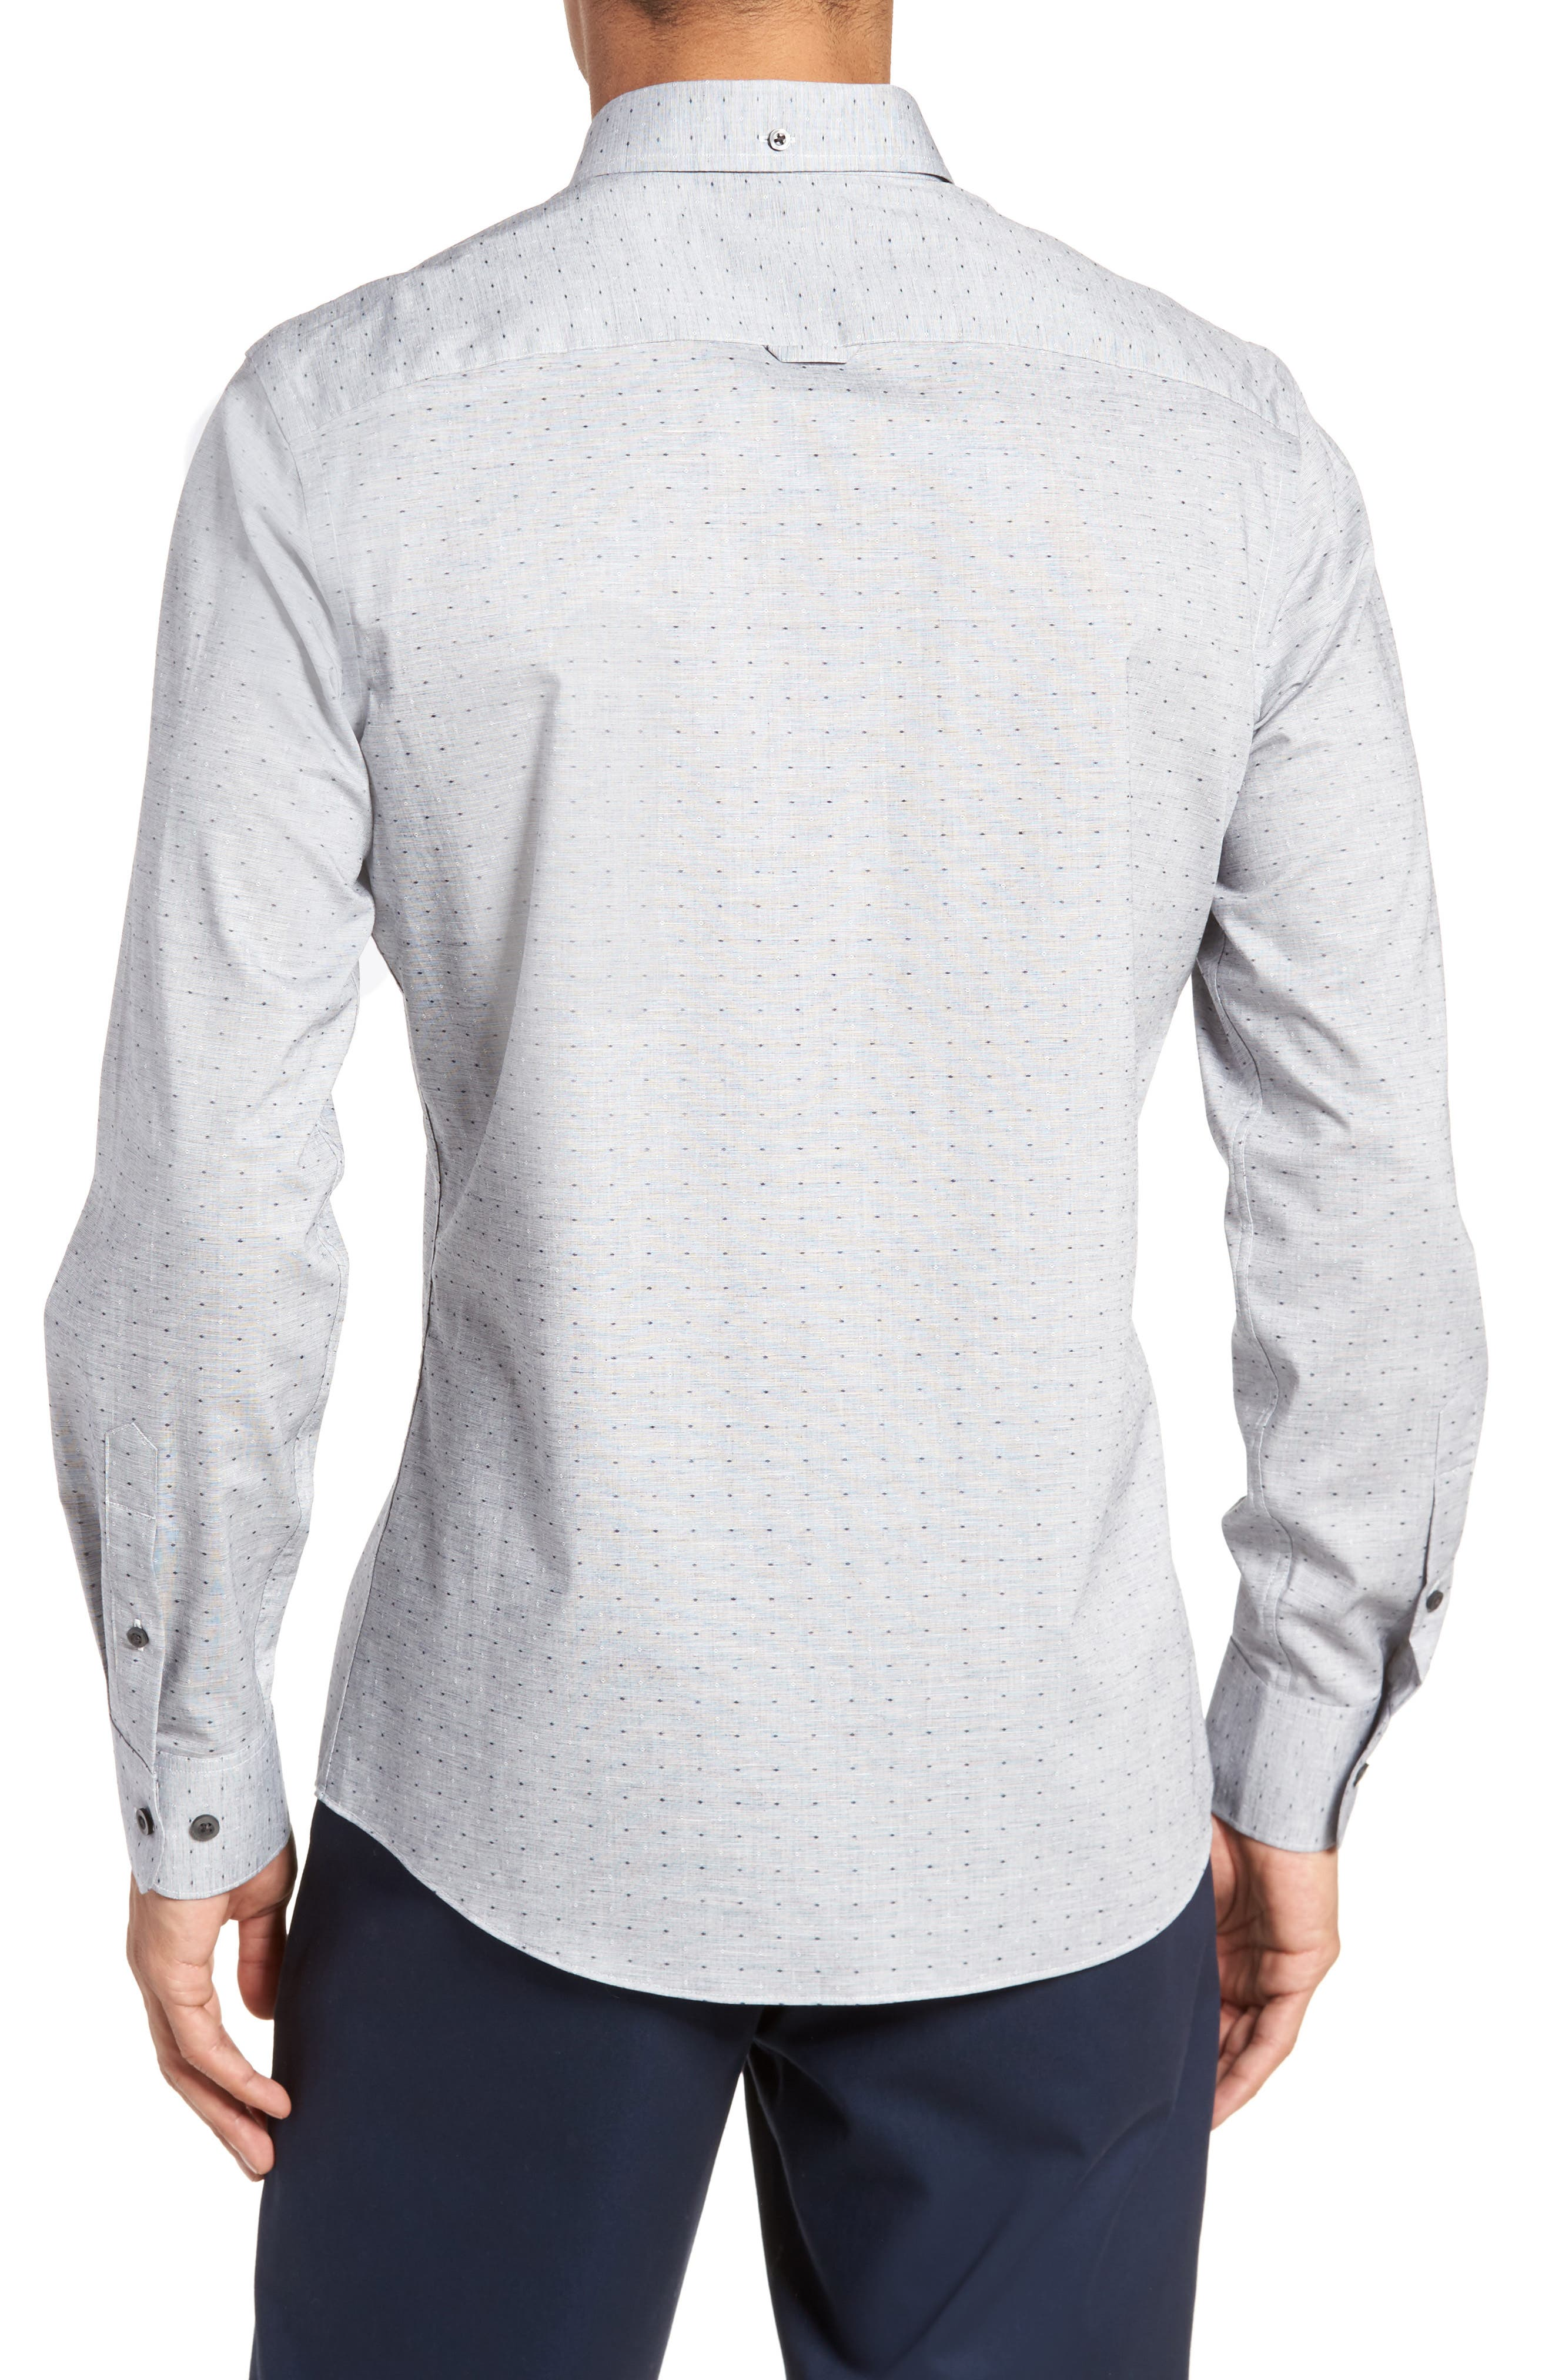 Trim Fit Dobby Sport Shirt,                             Alternate thumbnail 3, color,                             Navy White Eoe Dobby